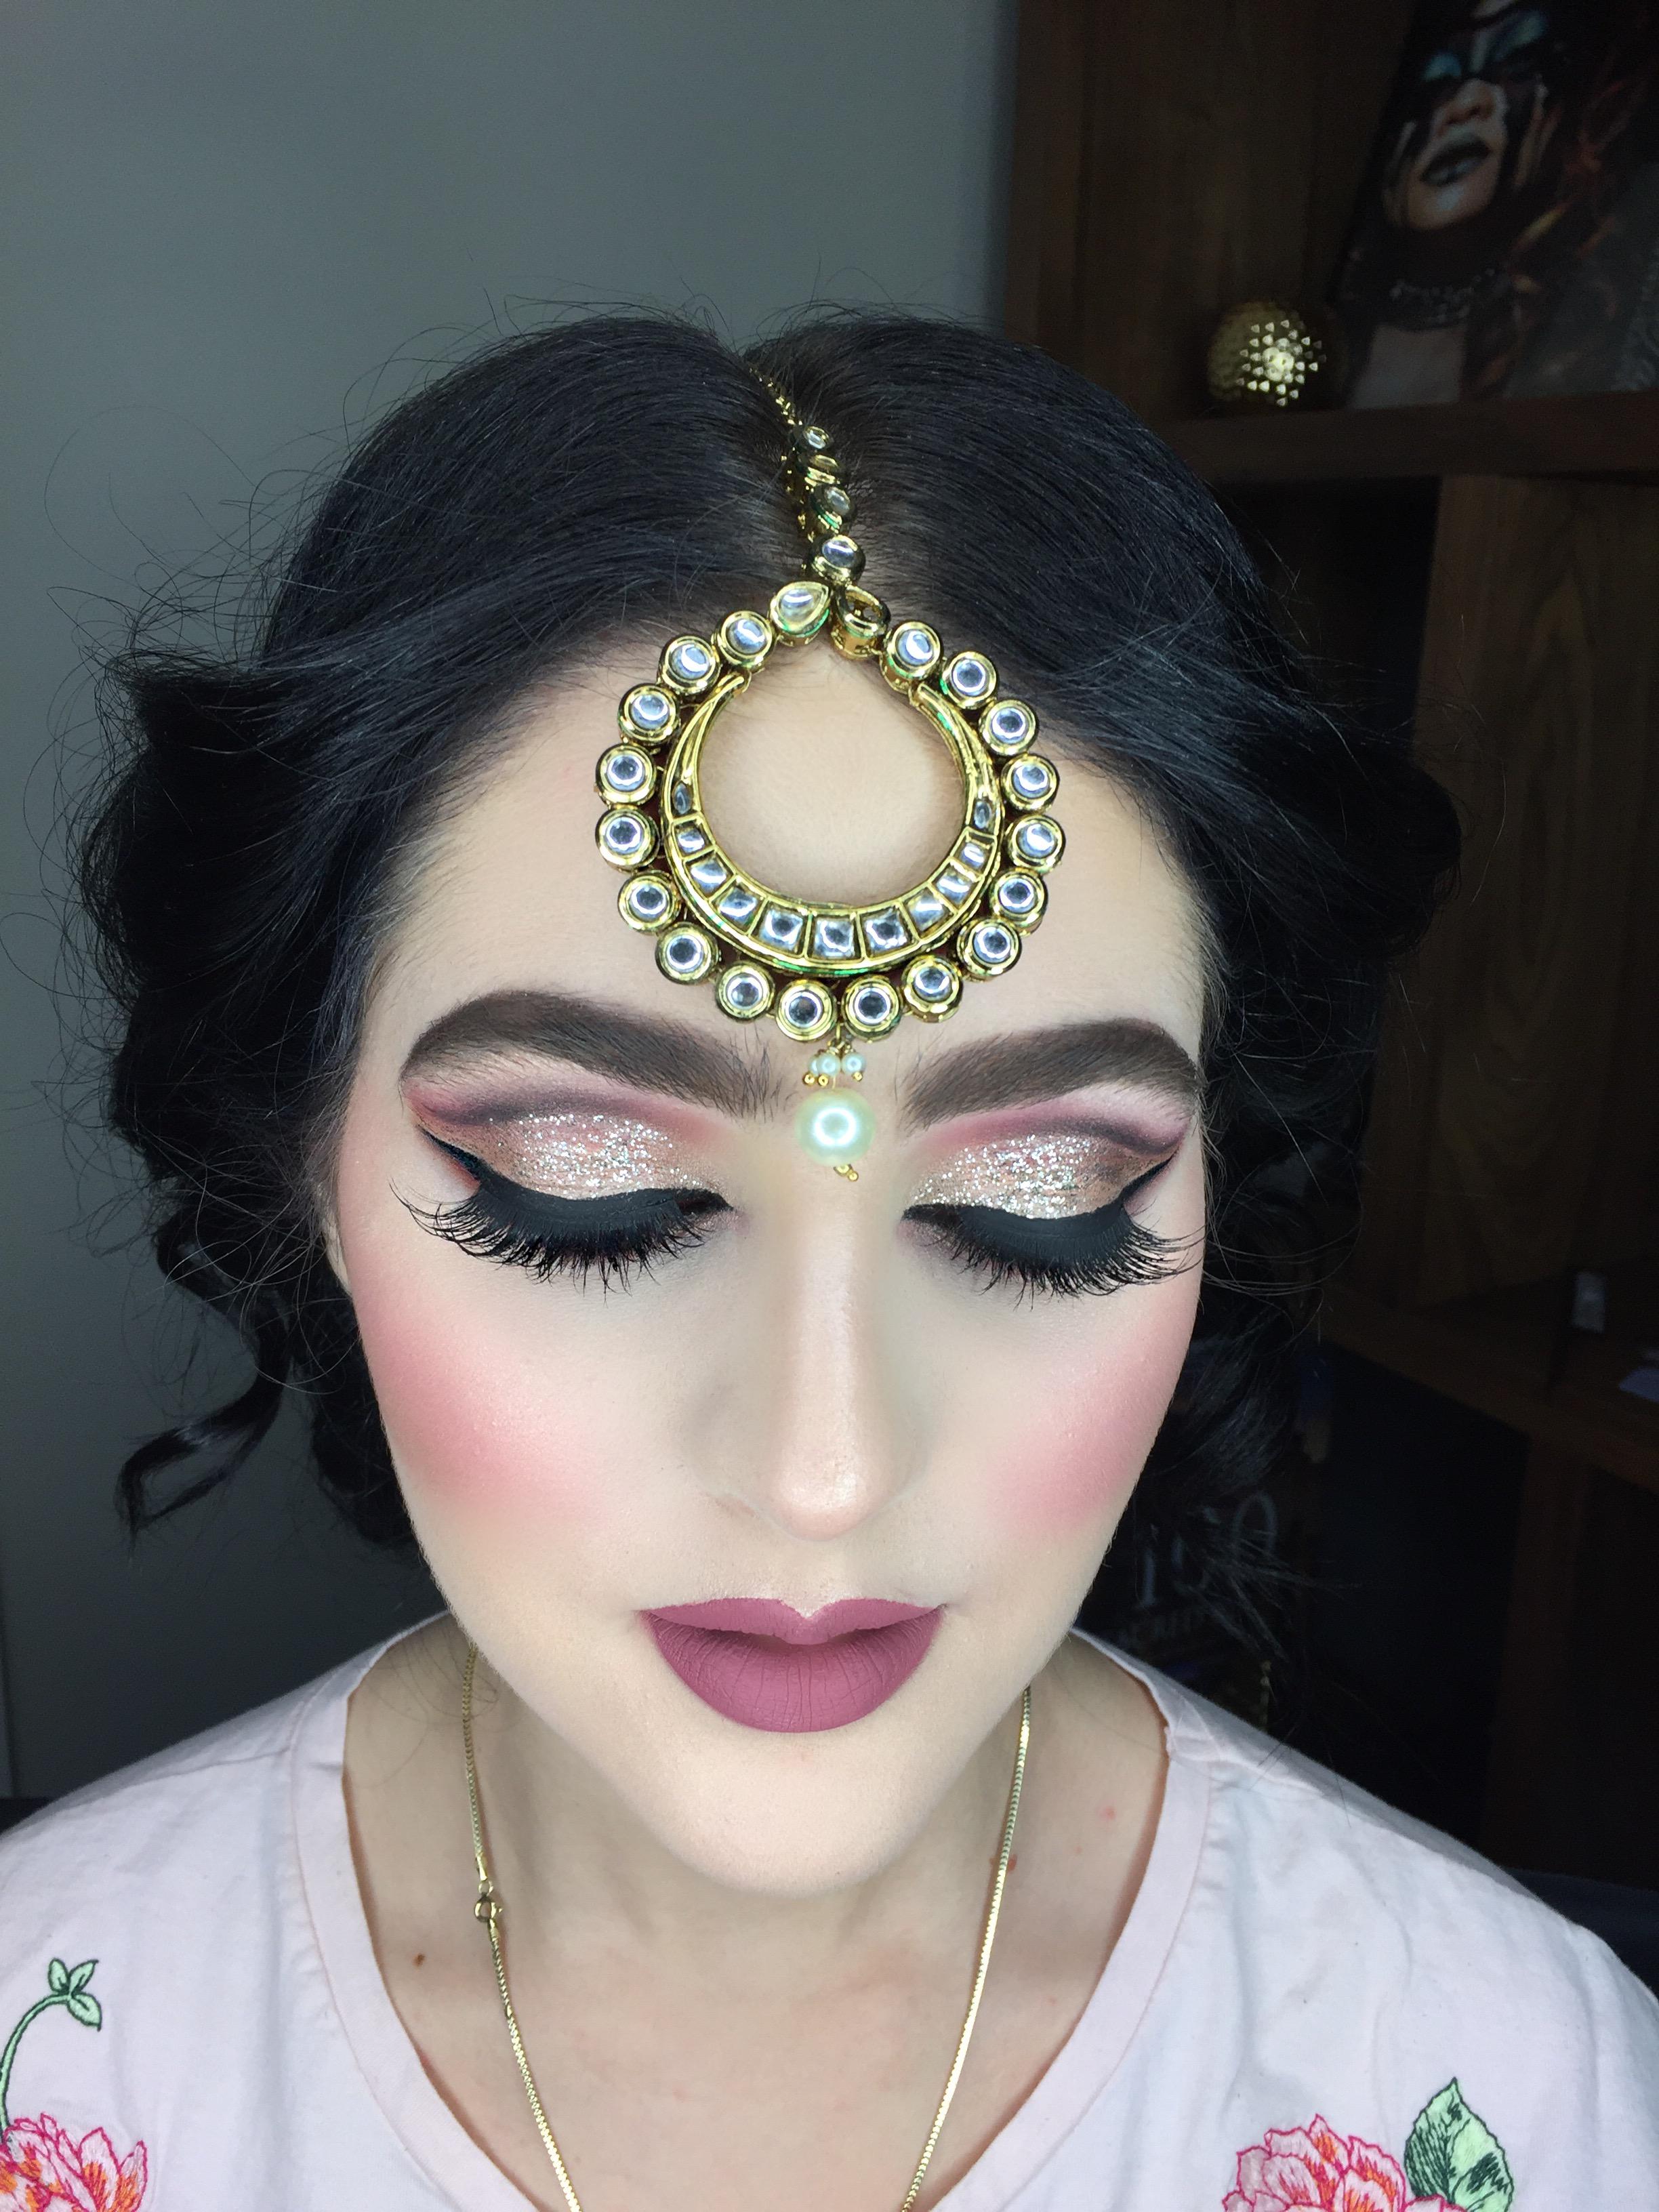 Bollywood hair and makeup